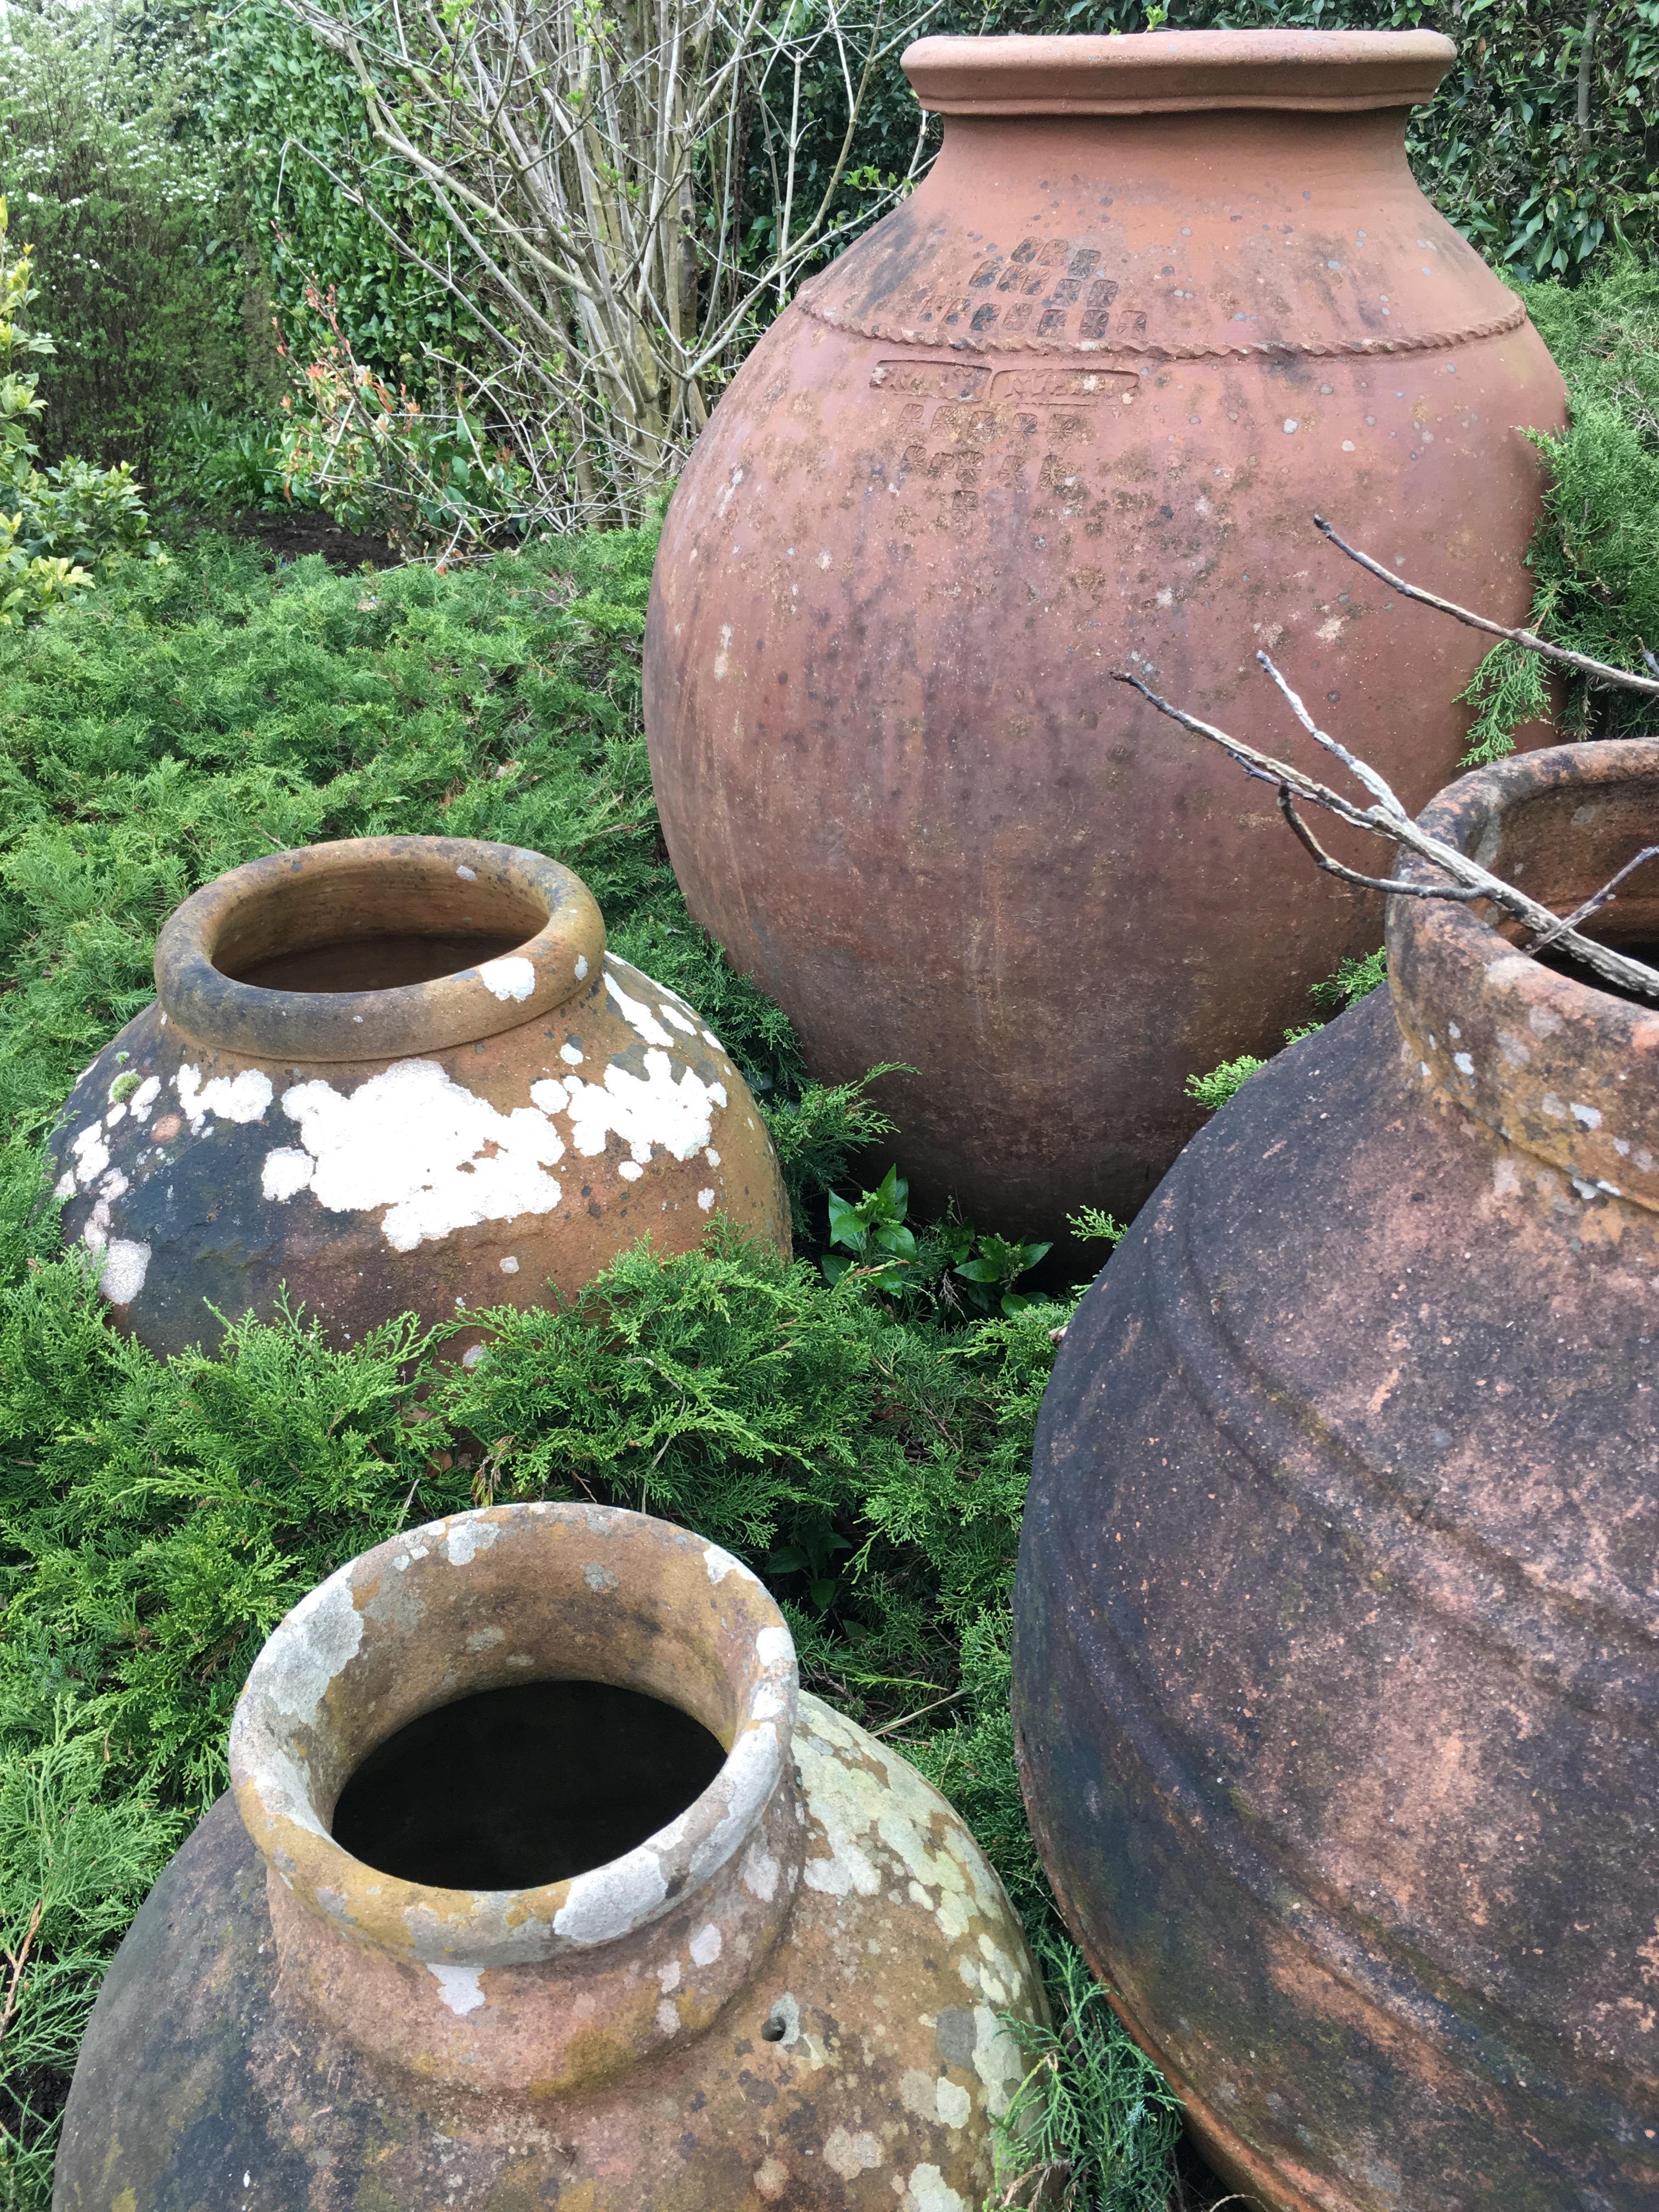 Huge garden urns